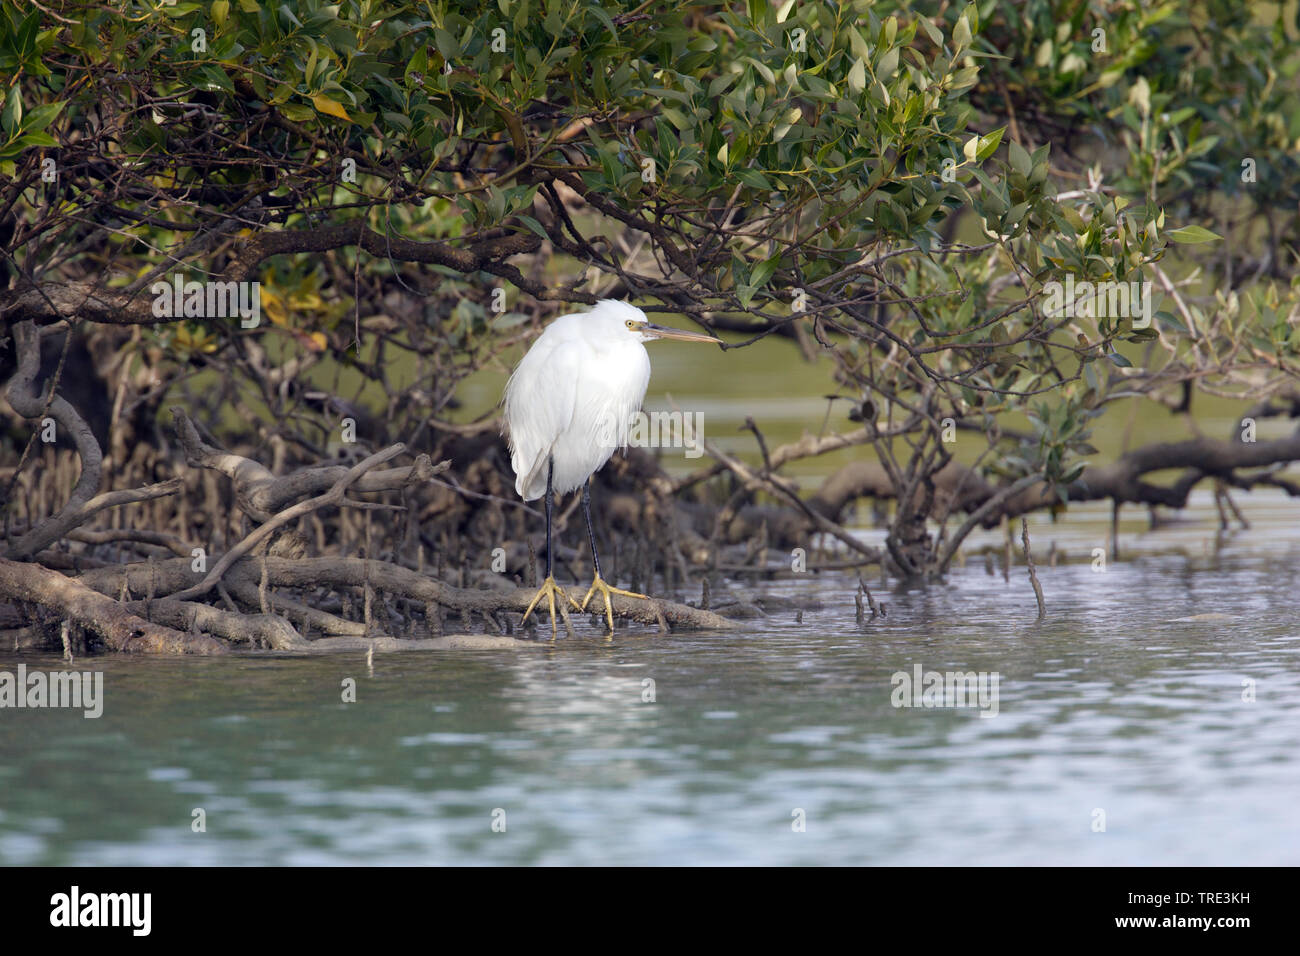 Kuestenreiher, Kuesten-Reiher (Egretta gularis), am Wasser, Iran | western reef egret (Egretta gularis), by the waterside, Iran | BLWS516427.jpg [ (c) - Stock Image